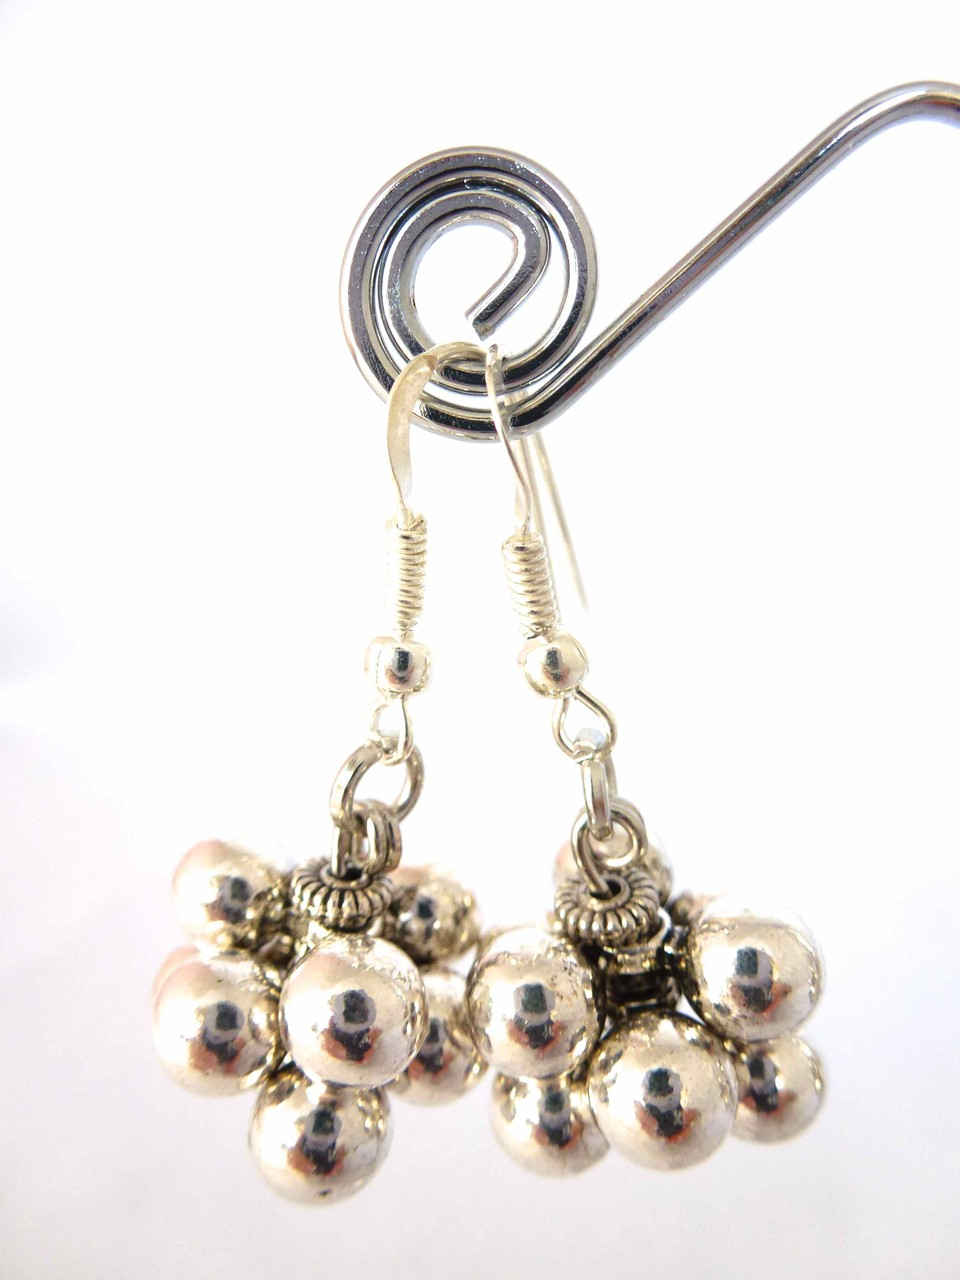 Bijoux Fantaisie: Boucles d'oreilles PERPLEXE , Collection Hiver 2015, Créations Chagoë